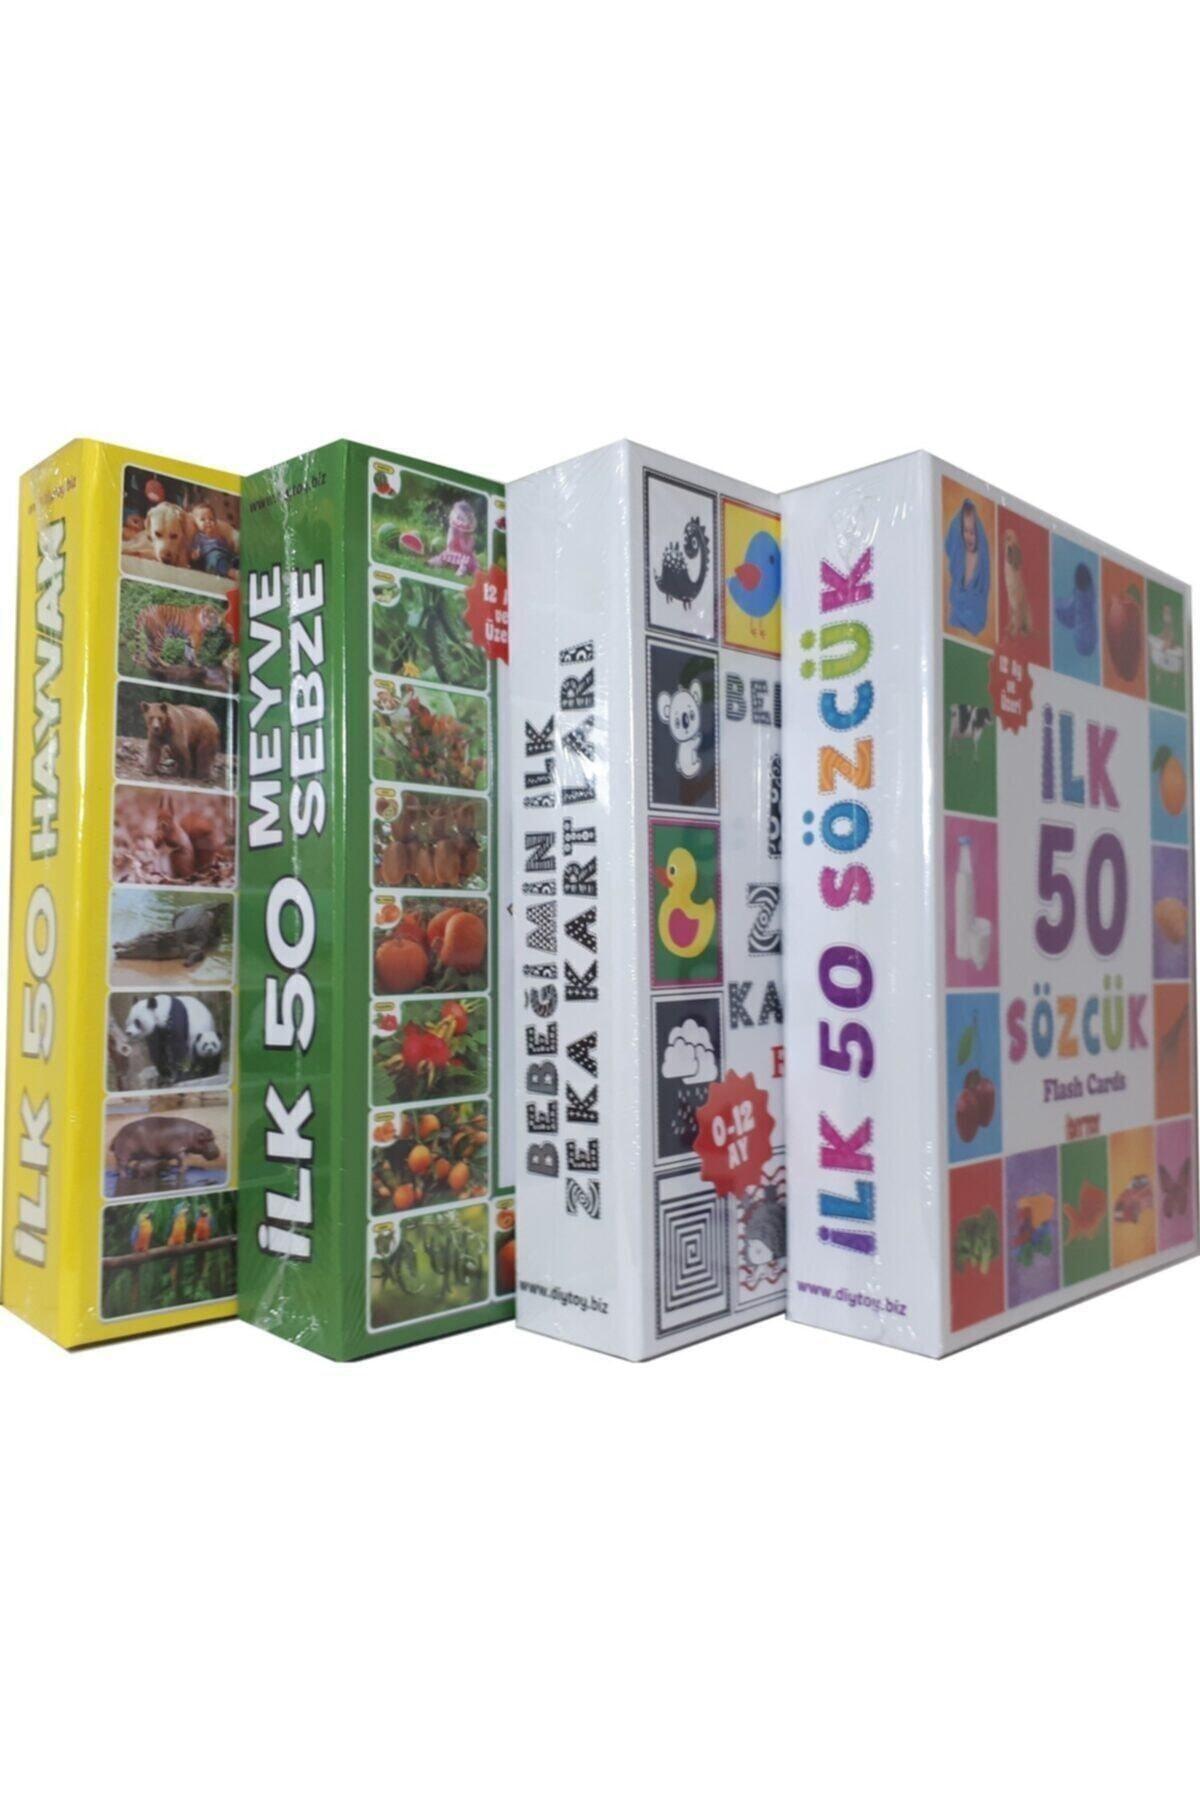 DIYTOY 4'lü Eğitim Seti ( Ilk 50 Sözcük + Ilk 50 Hayvan + Ilk 50 Sebze Meyve + Bebeğimin Ilk Zeka Kartları 1